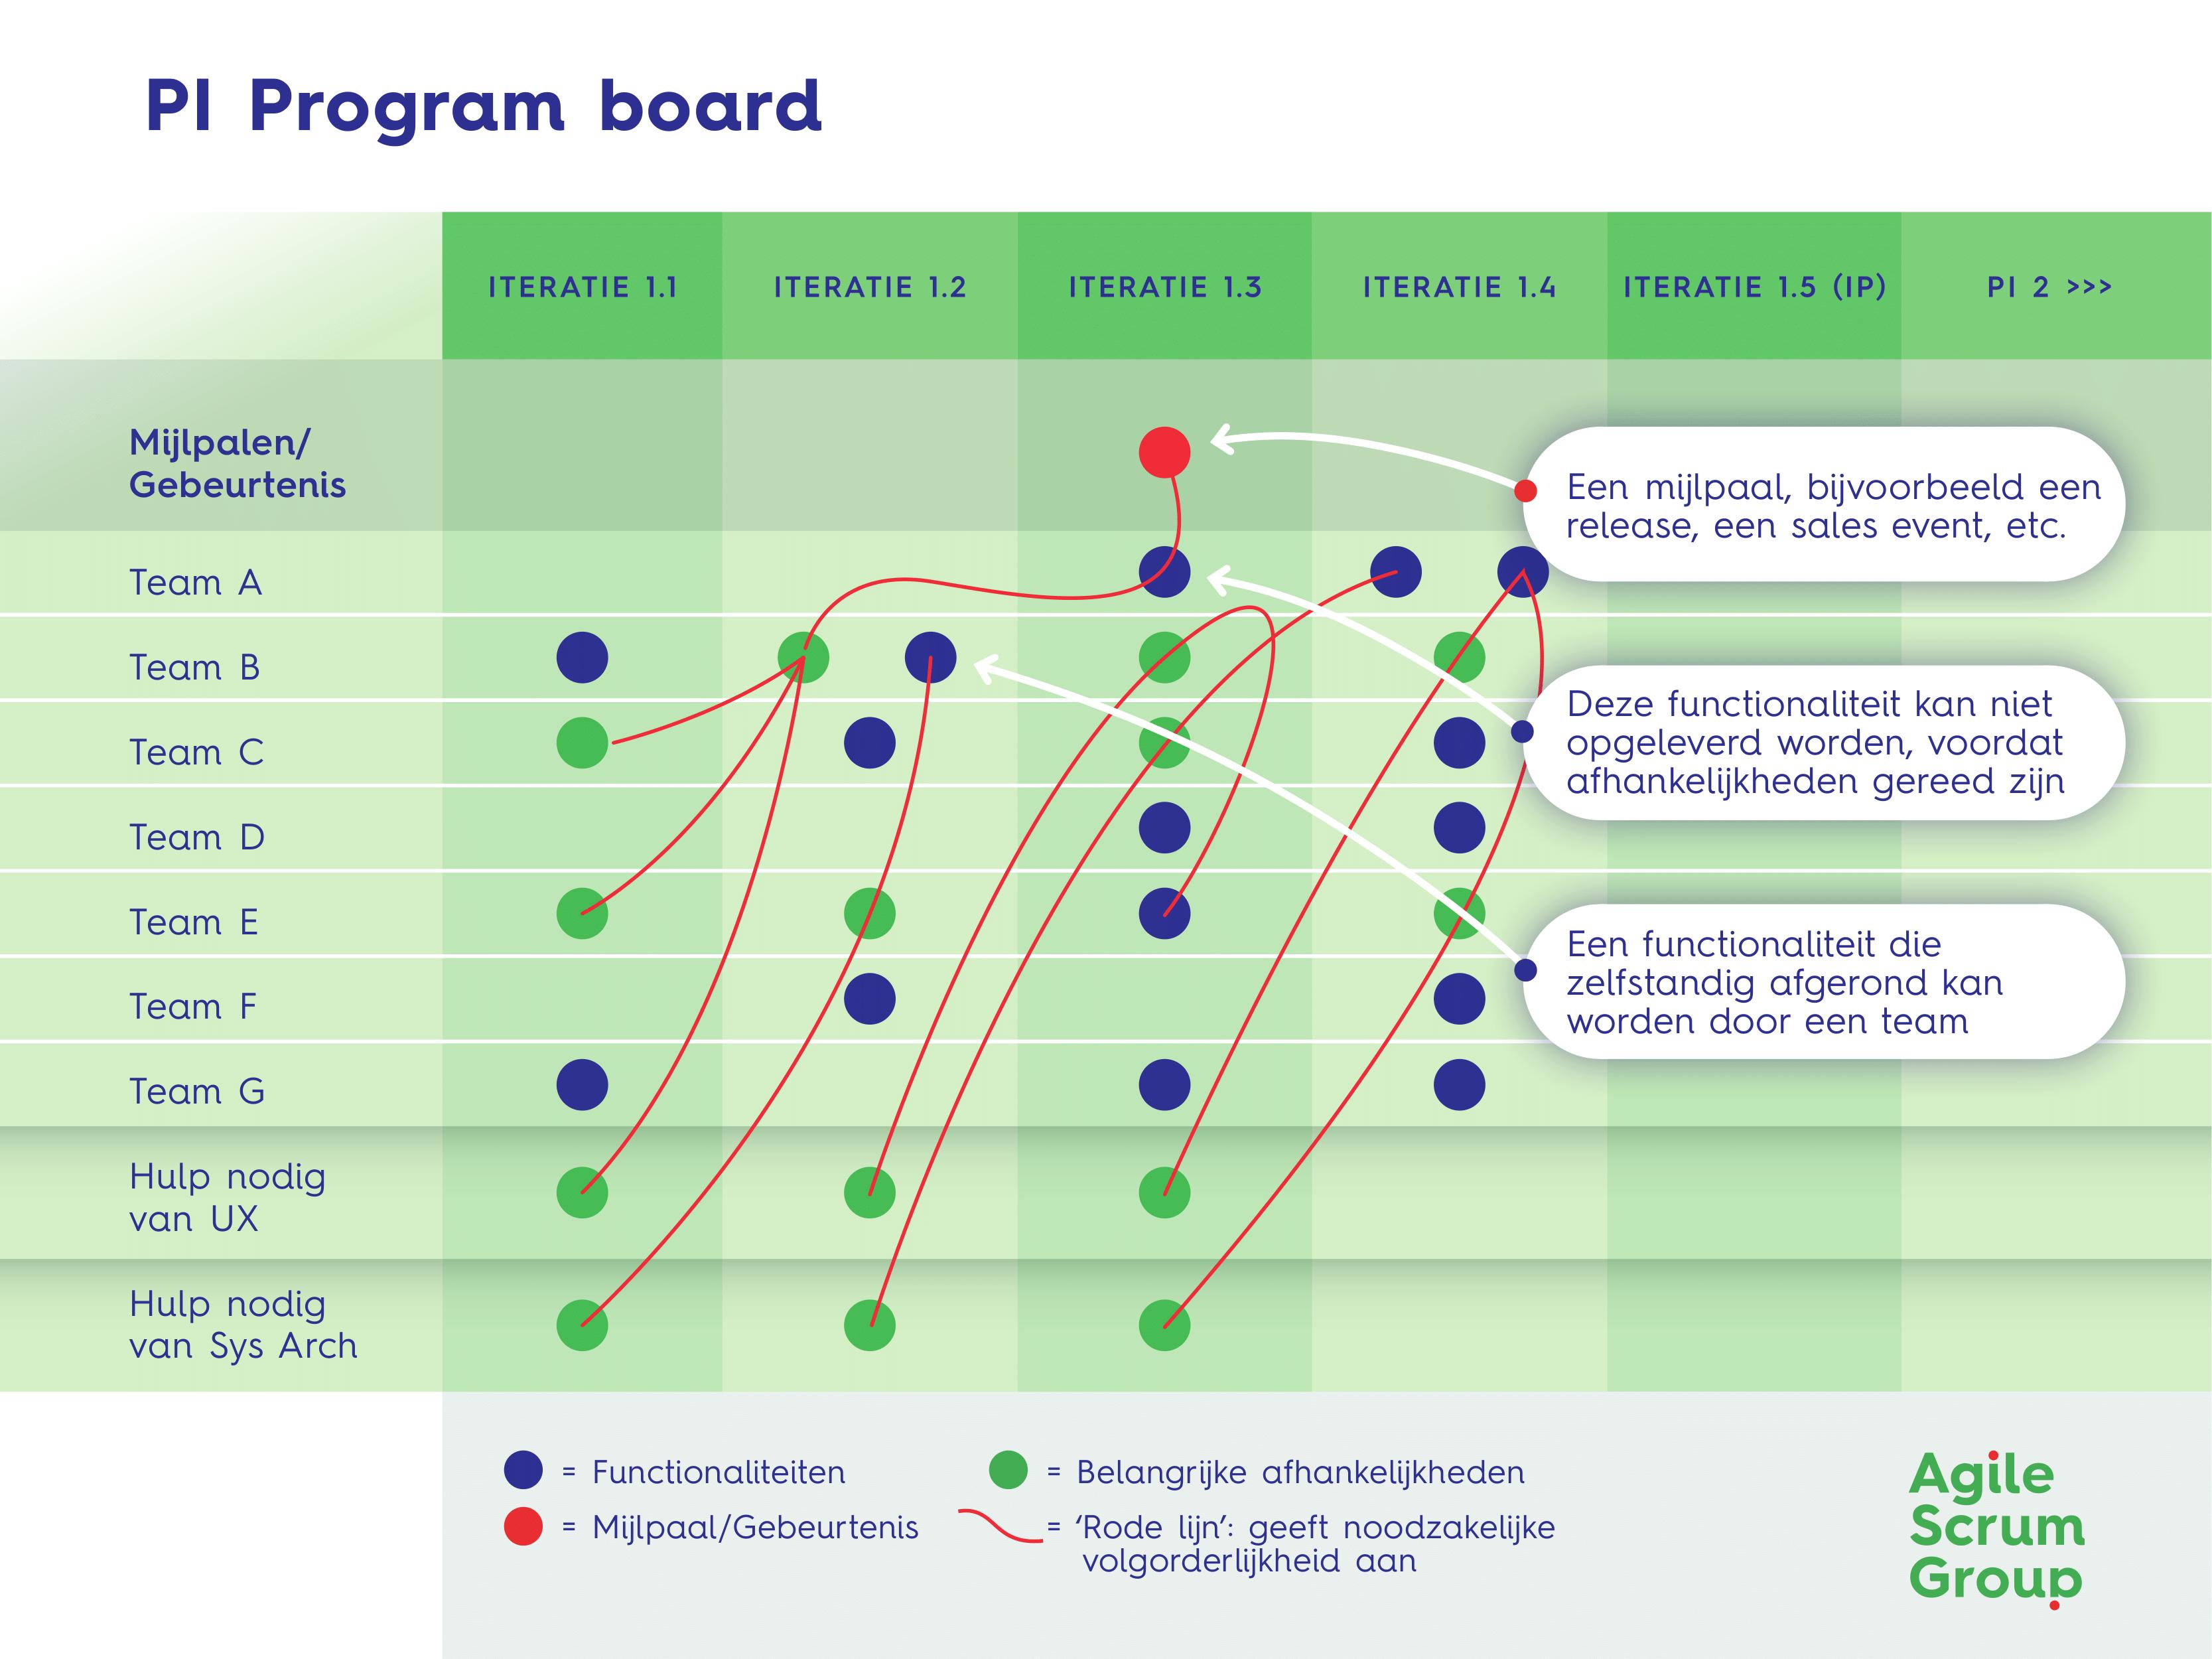 PI Program Board